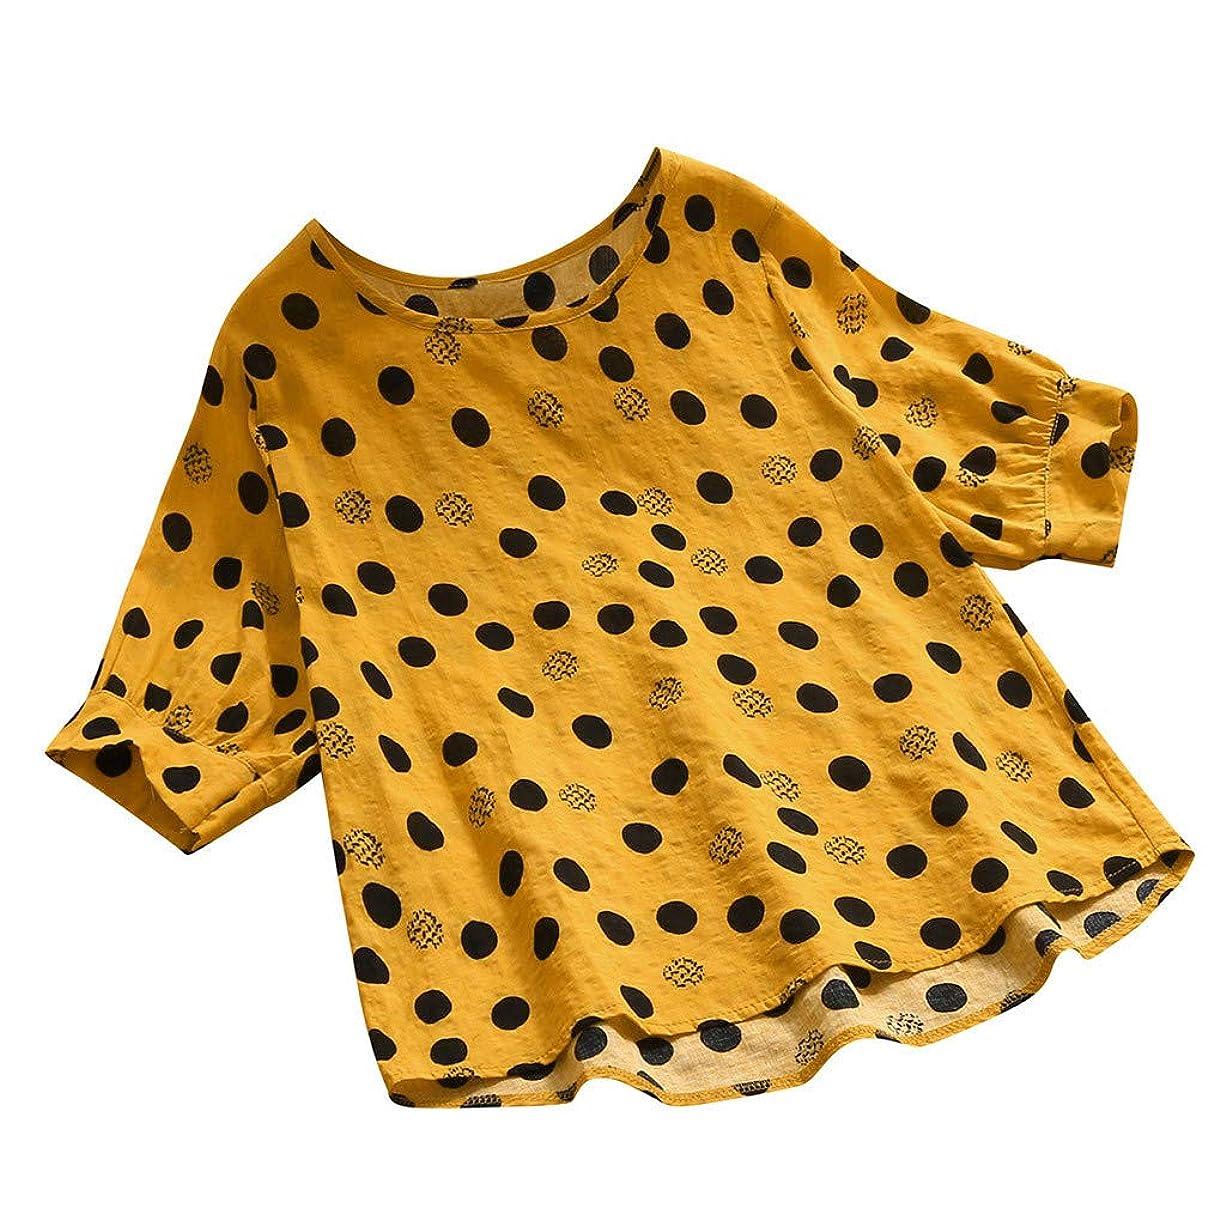 プロペラキロメートルスタウトレディース Tシャツ 半袖 トップス 水玉模様の印刷 丸首 ステッチ ブラウス 人気 夏服 無地 吸汗速乾 汗染み防止 快適な 軽い 柔らかい かっこいい ワイシャツ カジュアル シンプル オシャレ 春夏秋 対応